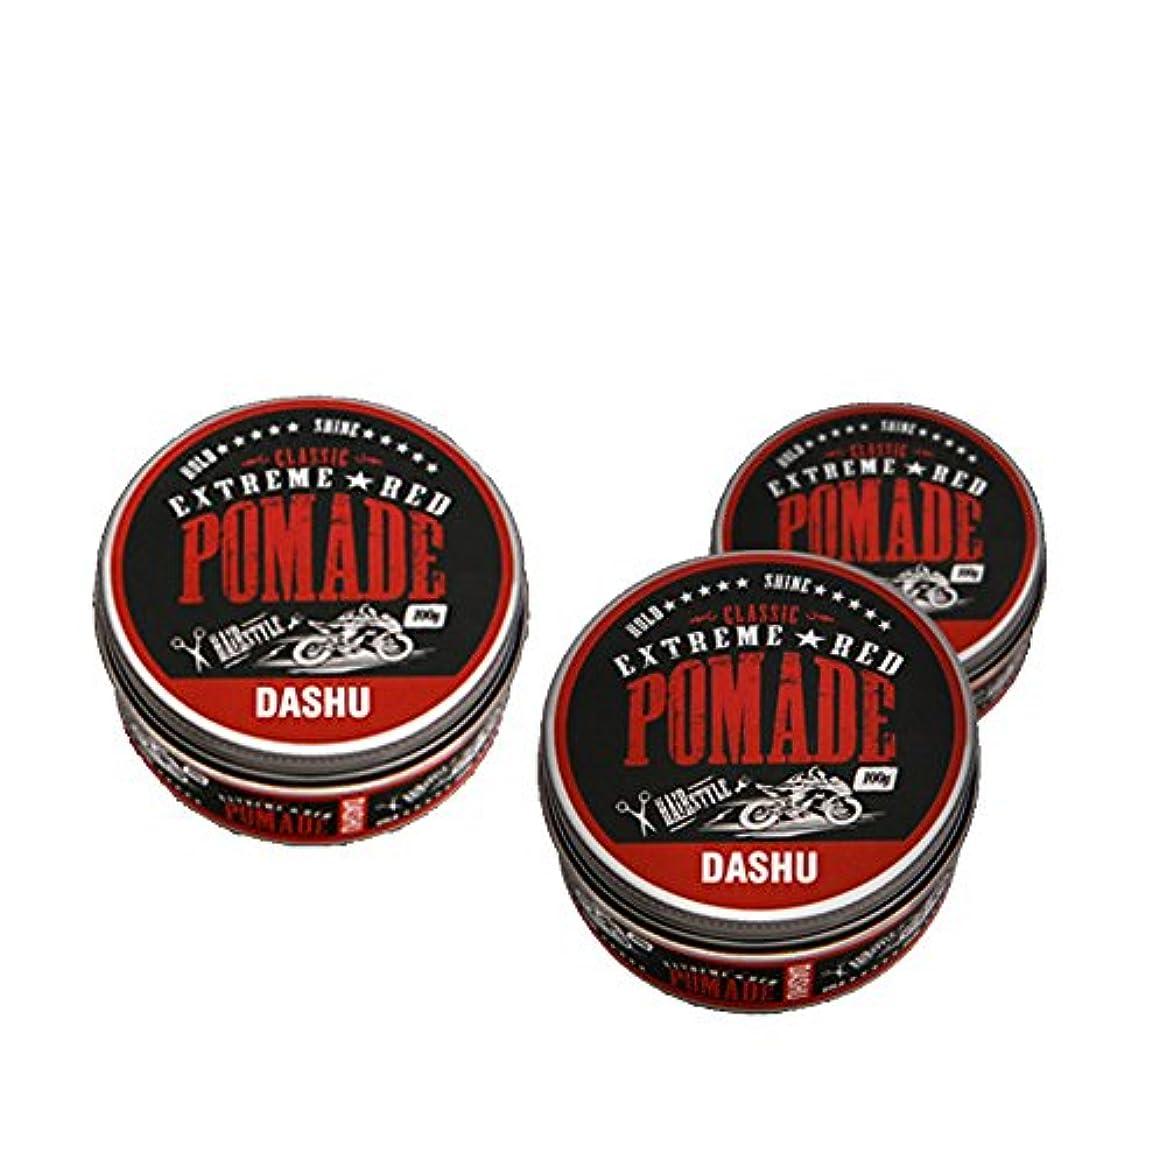 前にムスタチオラフ睡眠(3個セット) x [DASHU] ダシュ クラシックエクストリームレッドポマード Classic Extreme Red Pomade Hair Wax 100ml / 韓国製 . 韓国直送品